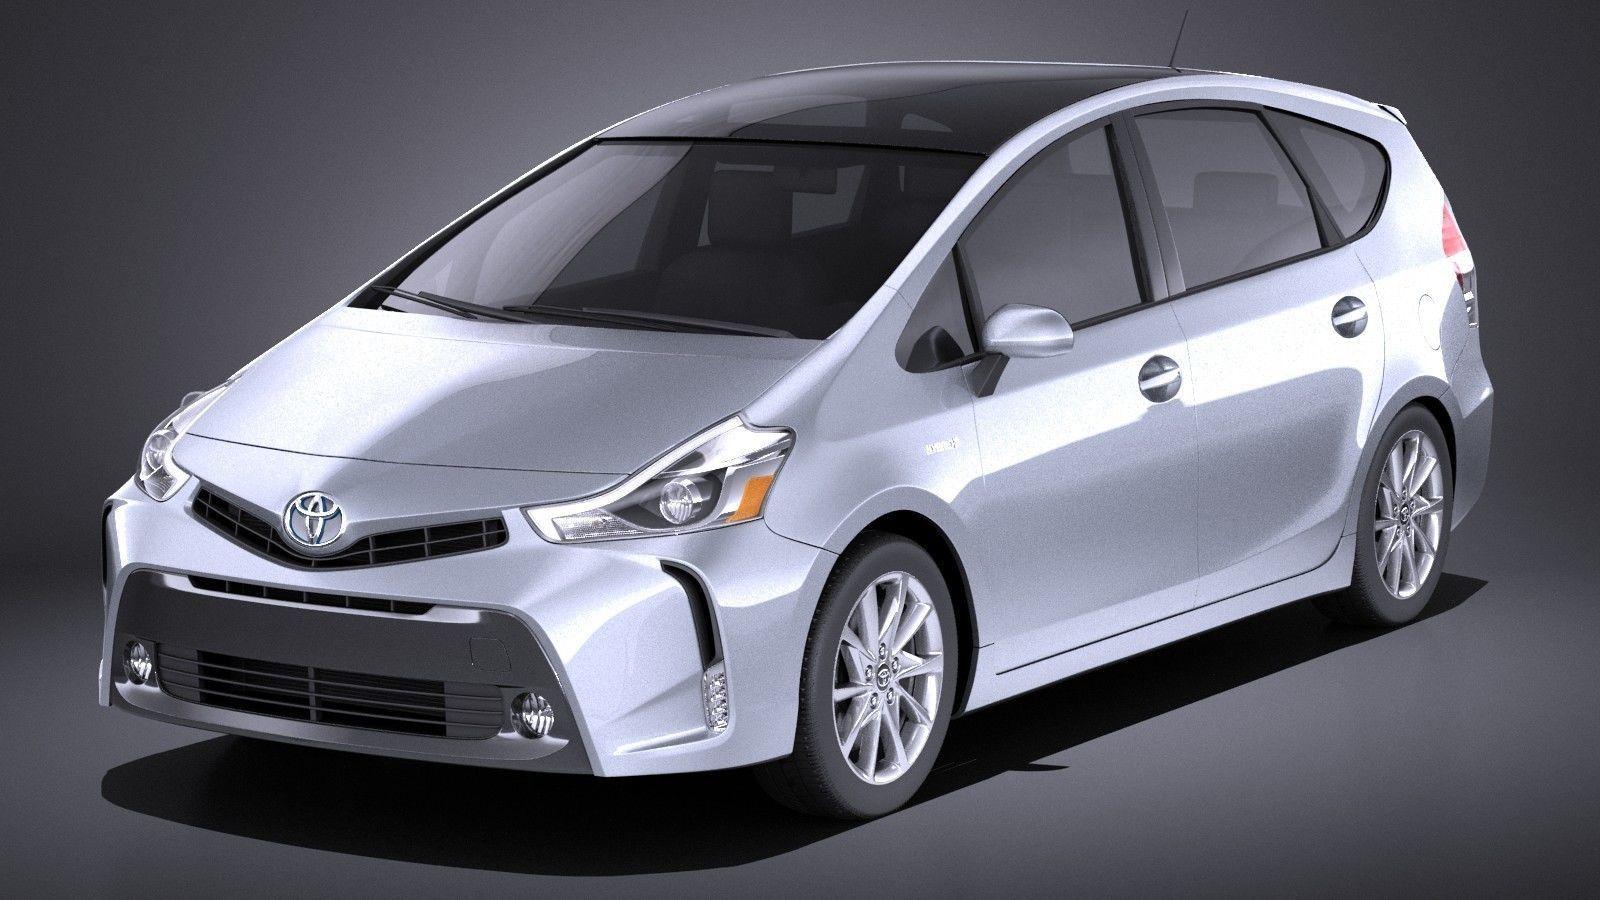 Model Toyota Prius V 2017 Vray